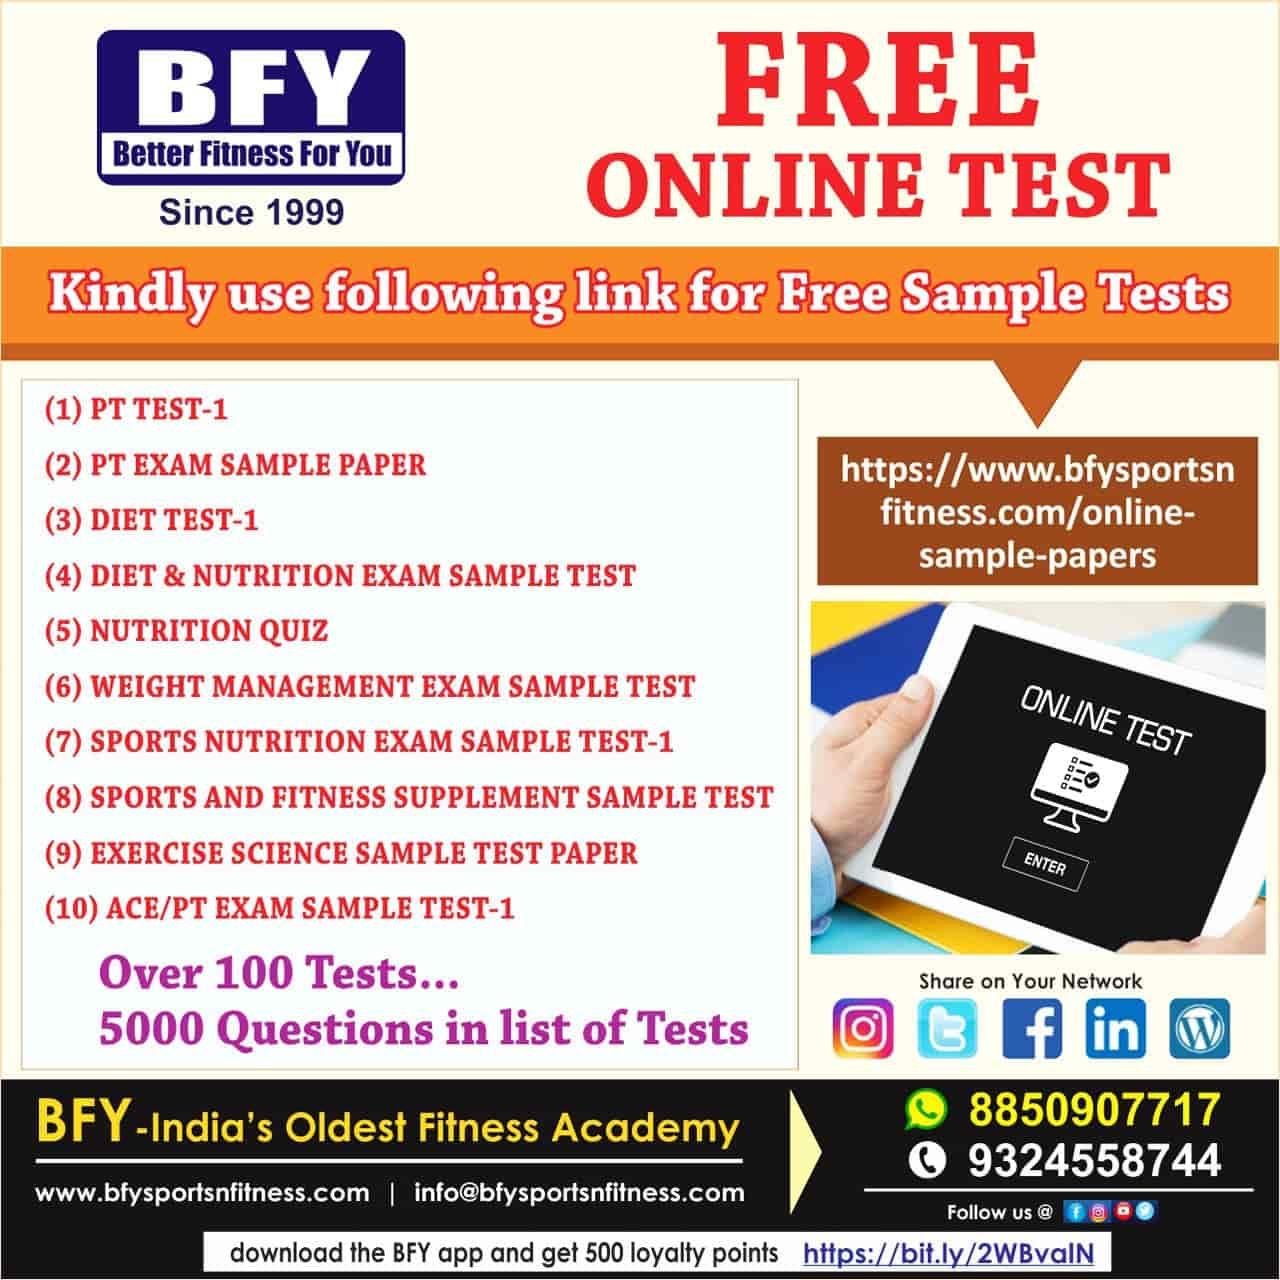 Free Online Test